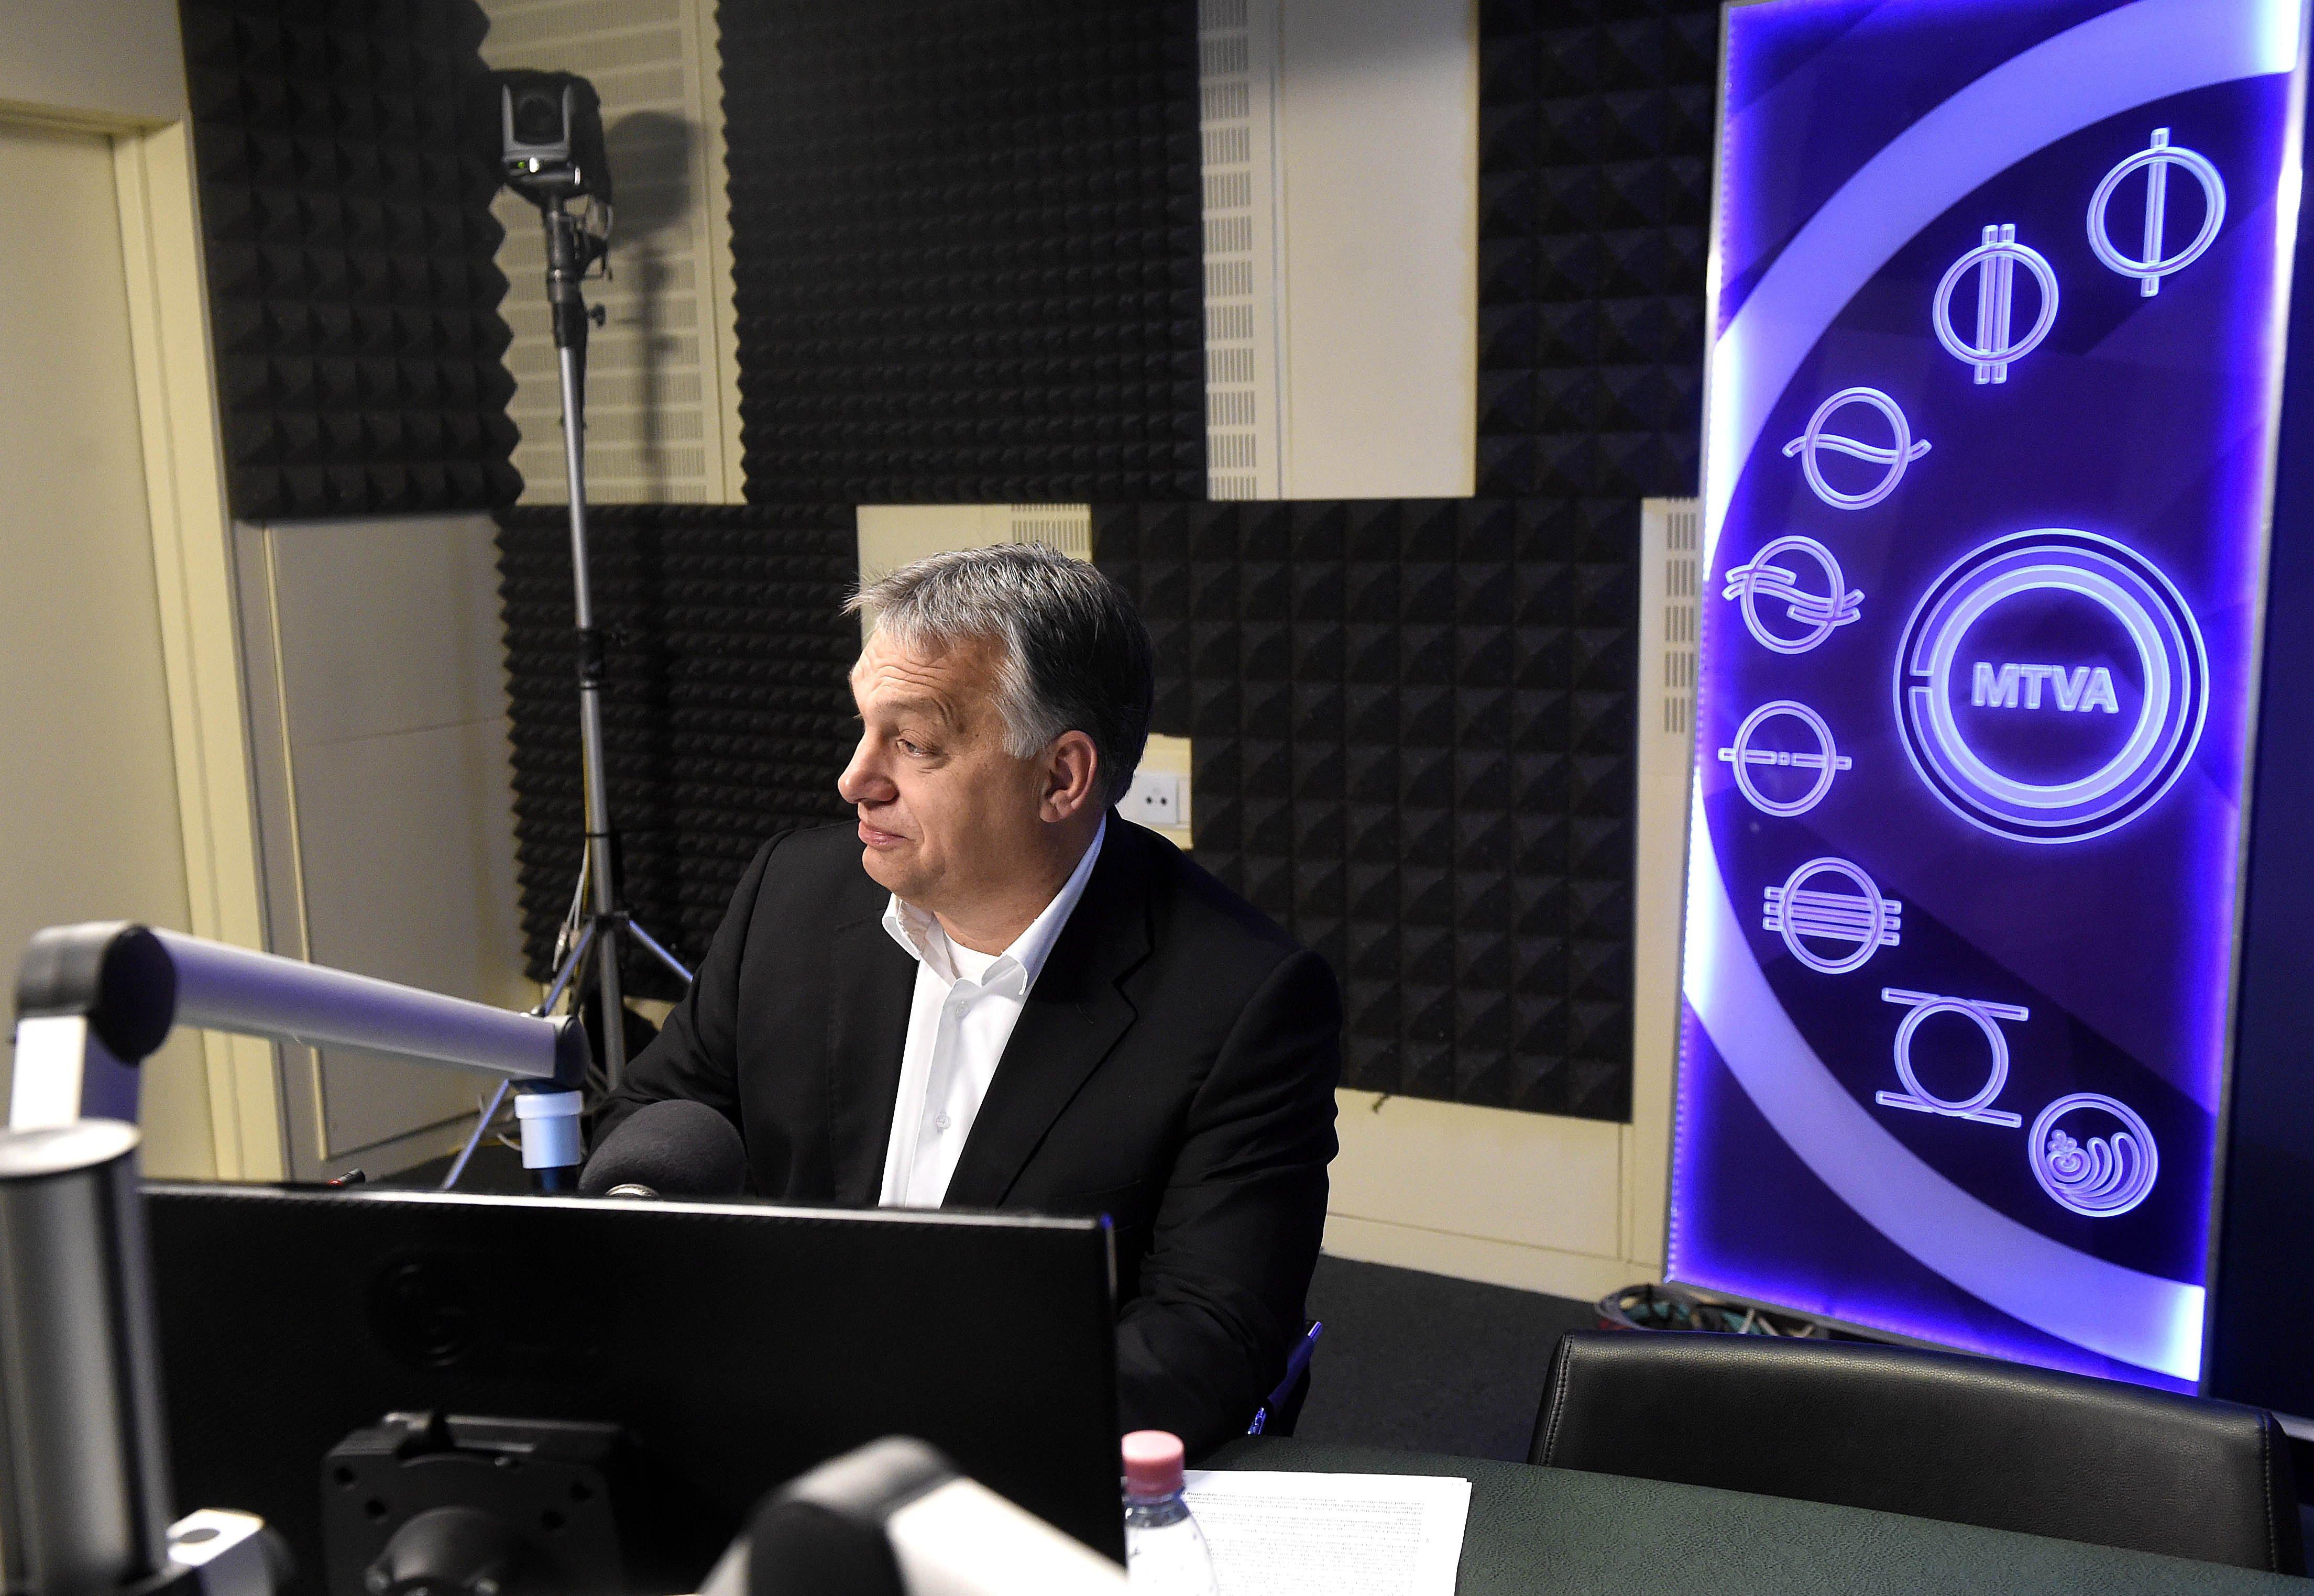 Orbán a Kossuth Rádió stúdiójában, ahol interjút ad a 180 perc címû műsorban 2017. december 1-jén. (MTI Fotó: Bruzák Noémi)